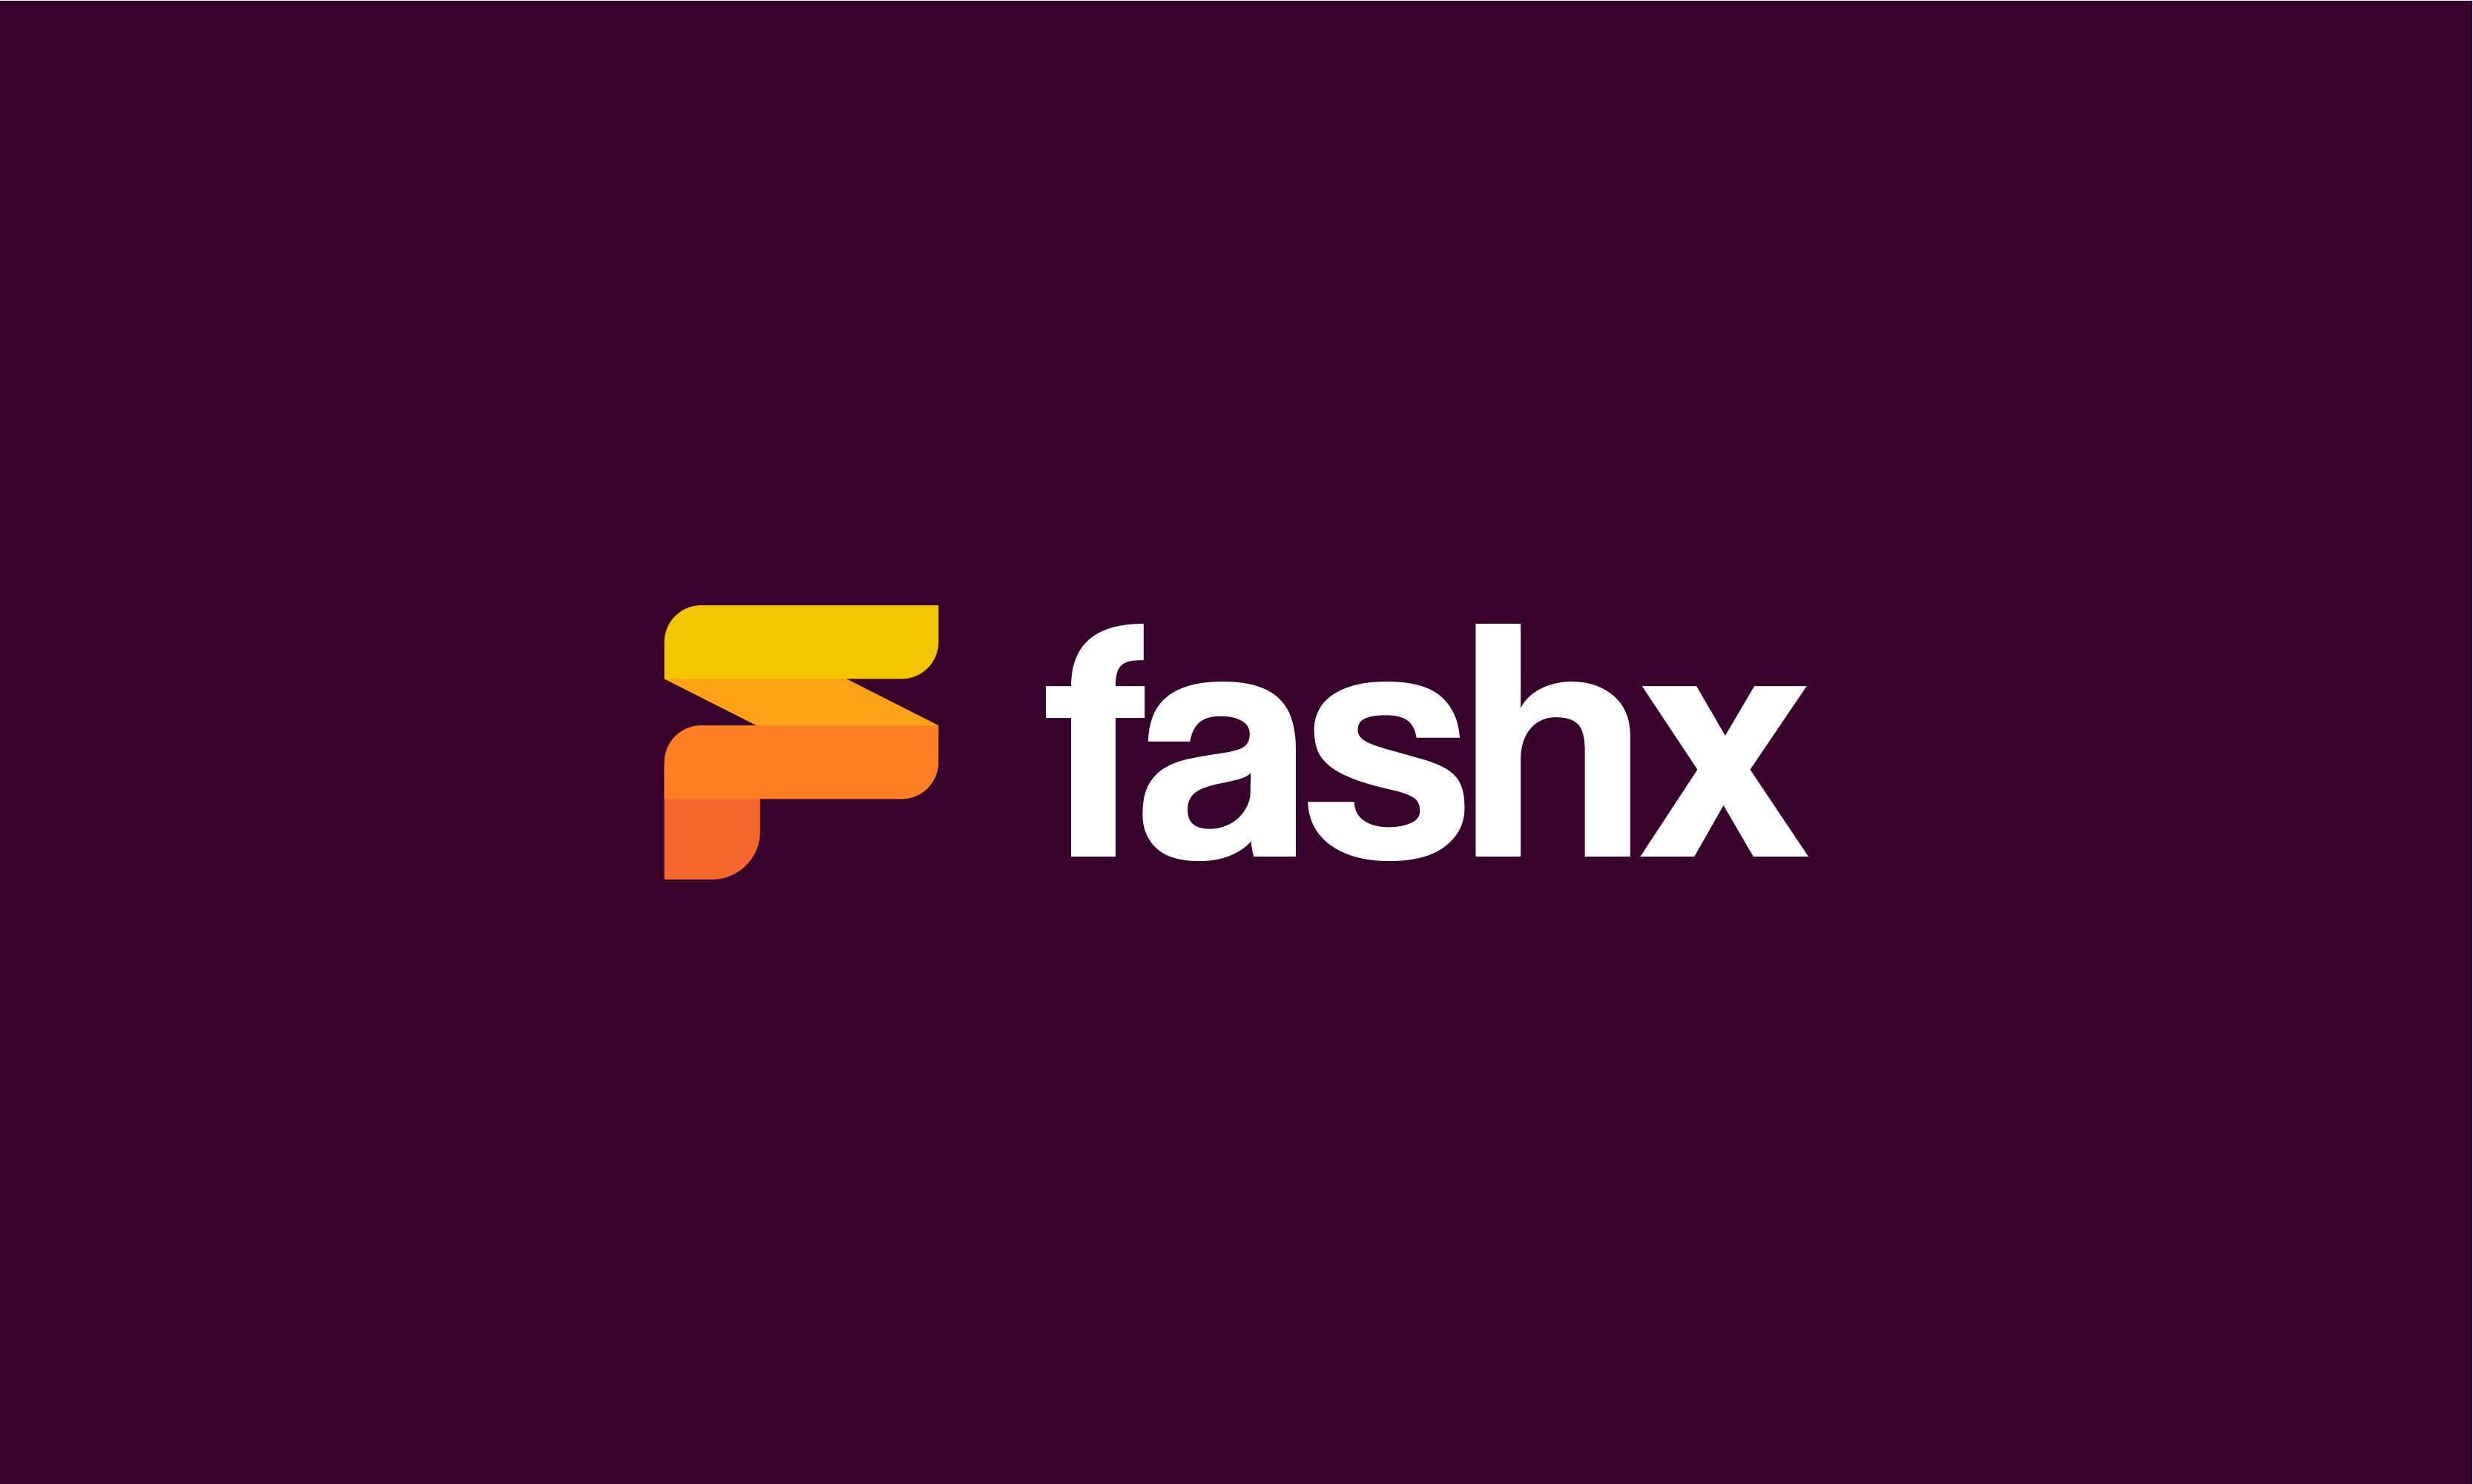 Fashx